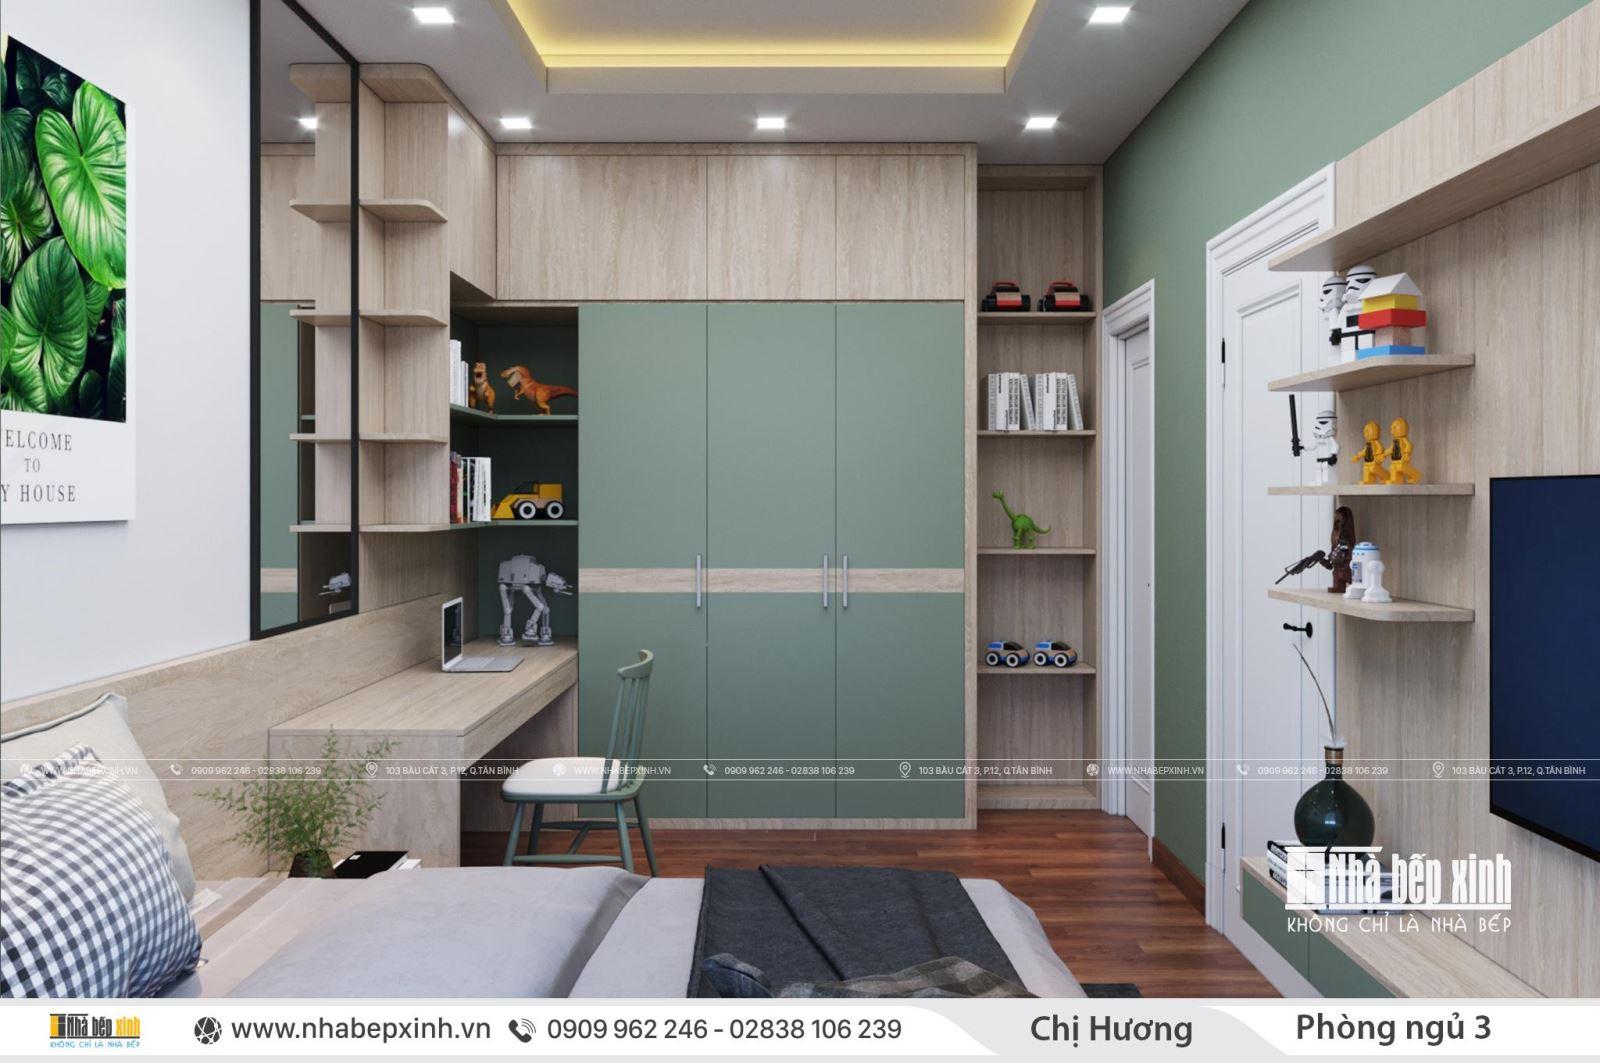 Mẫu thiết kế nội thất tân cổ điển - Nội thất nguyên căn